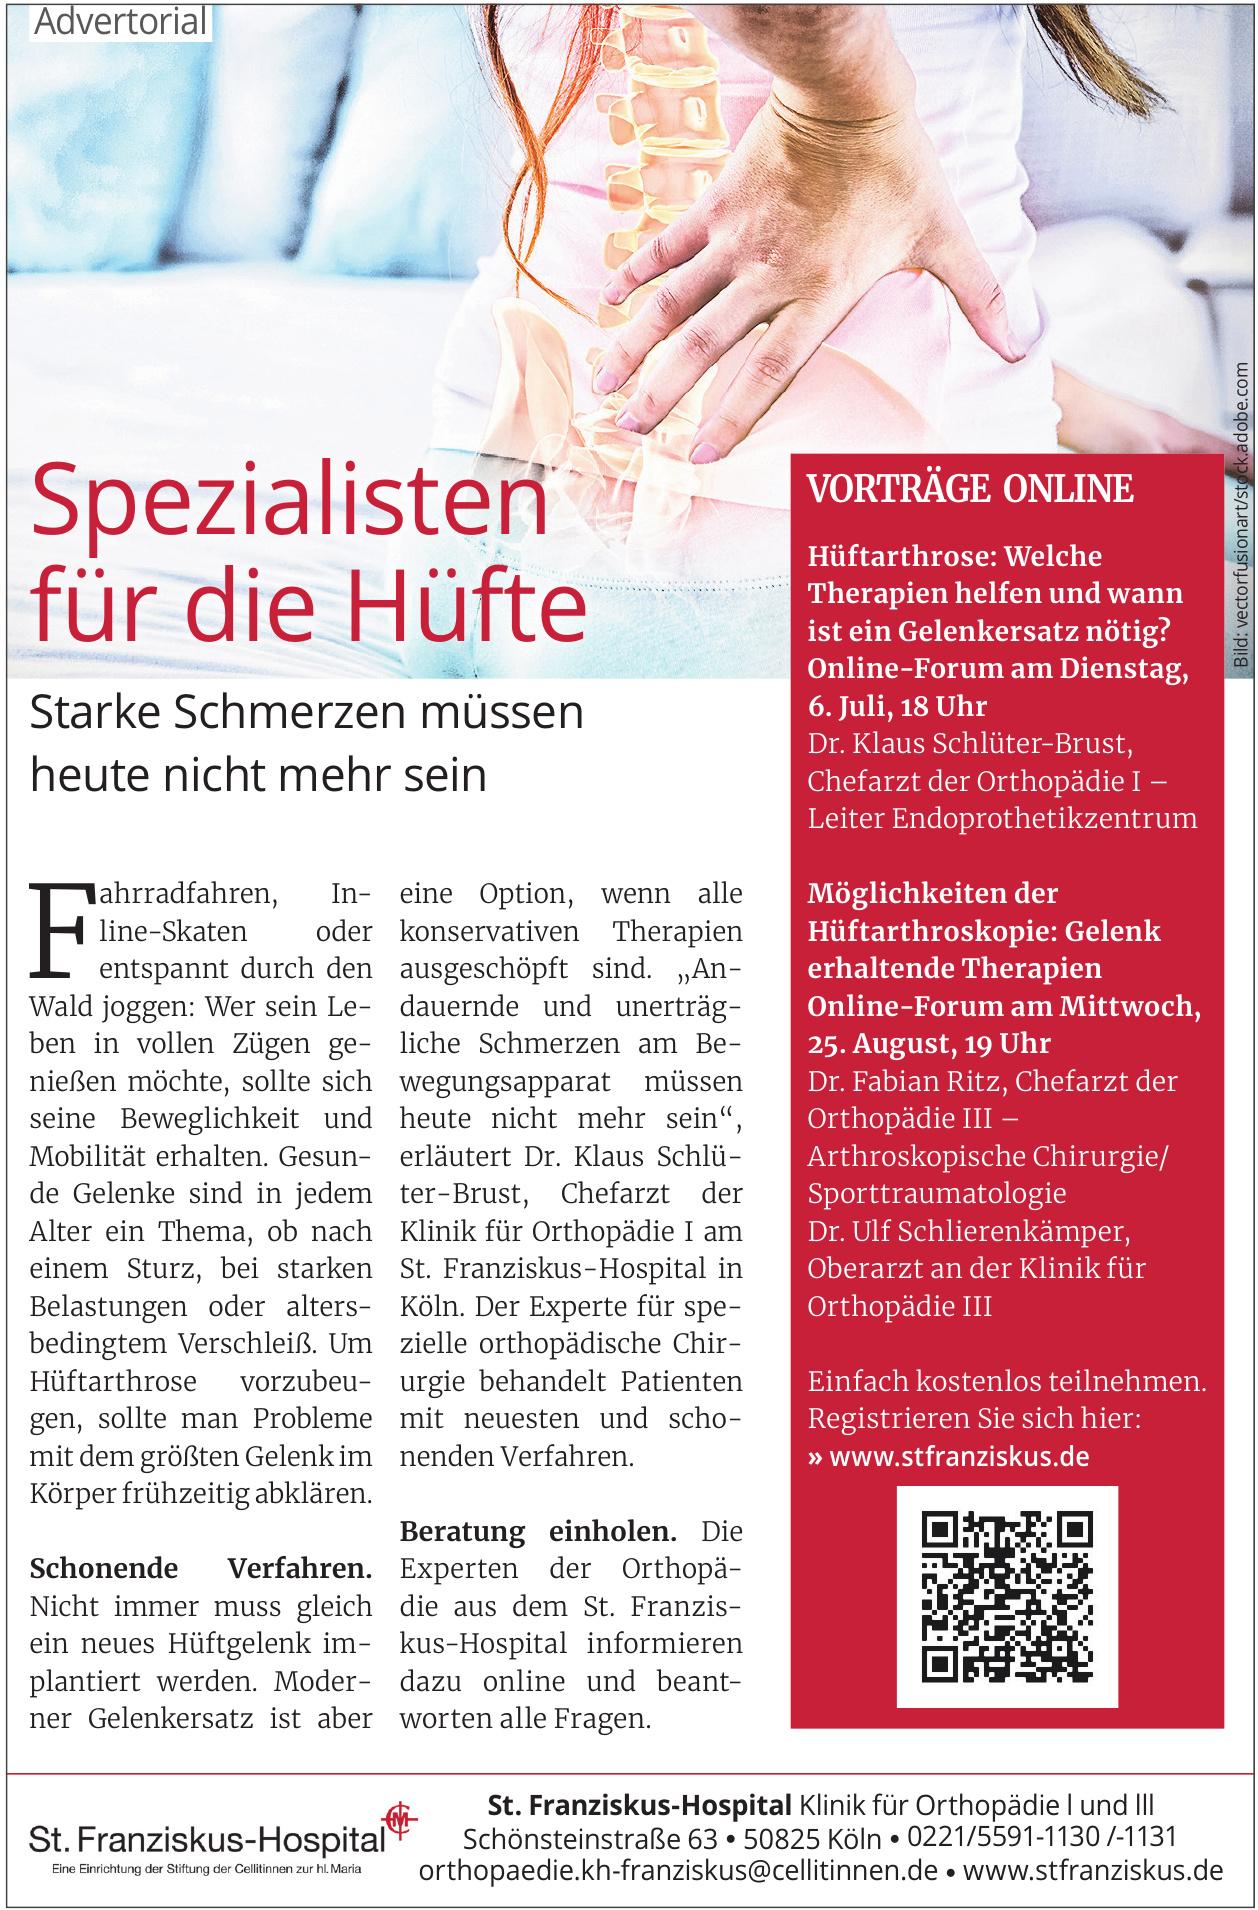 St. Franziskus-Hospital - Klinik für Orthopädie l und lll